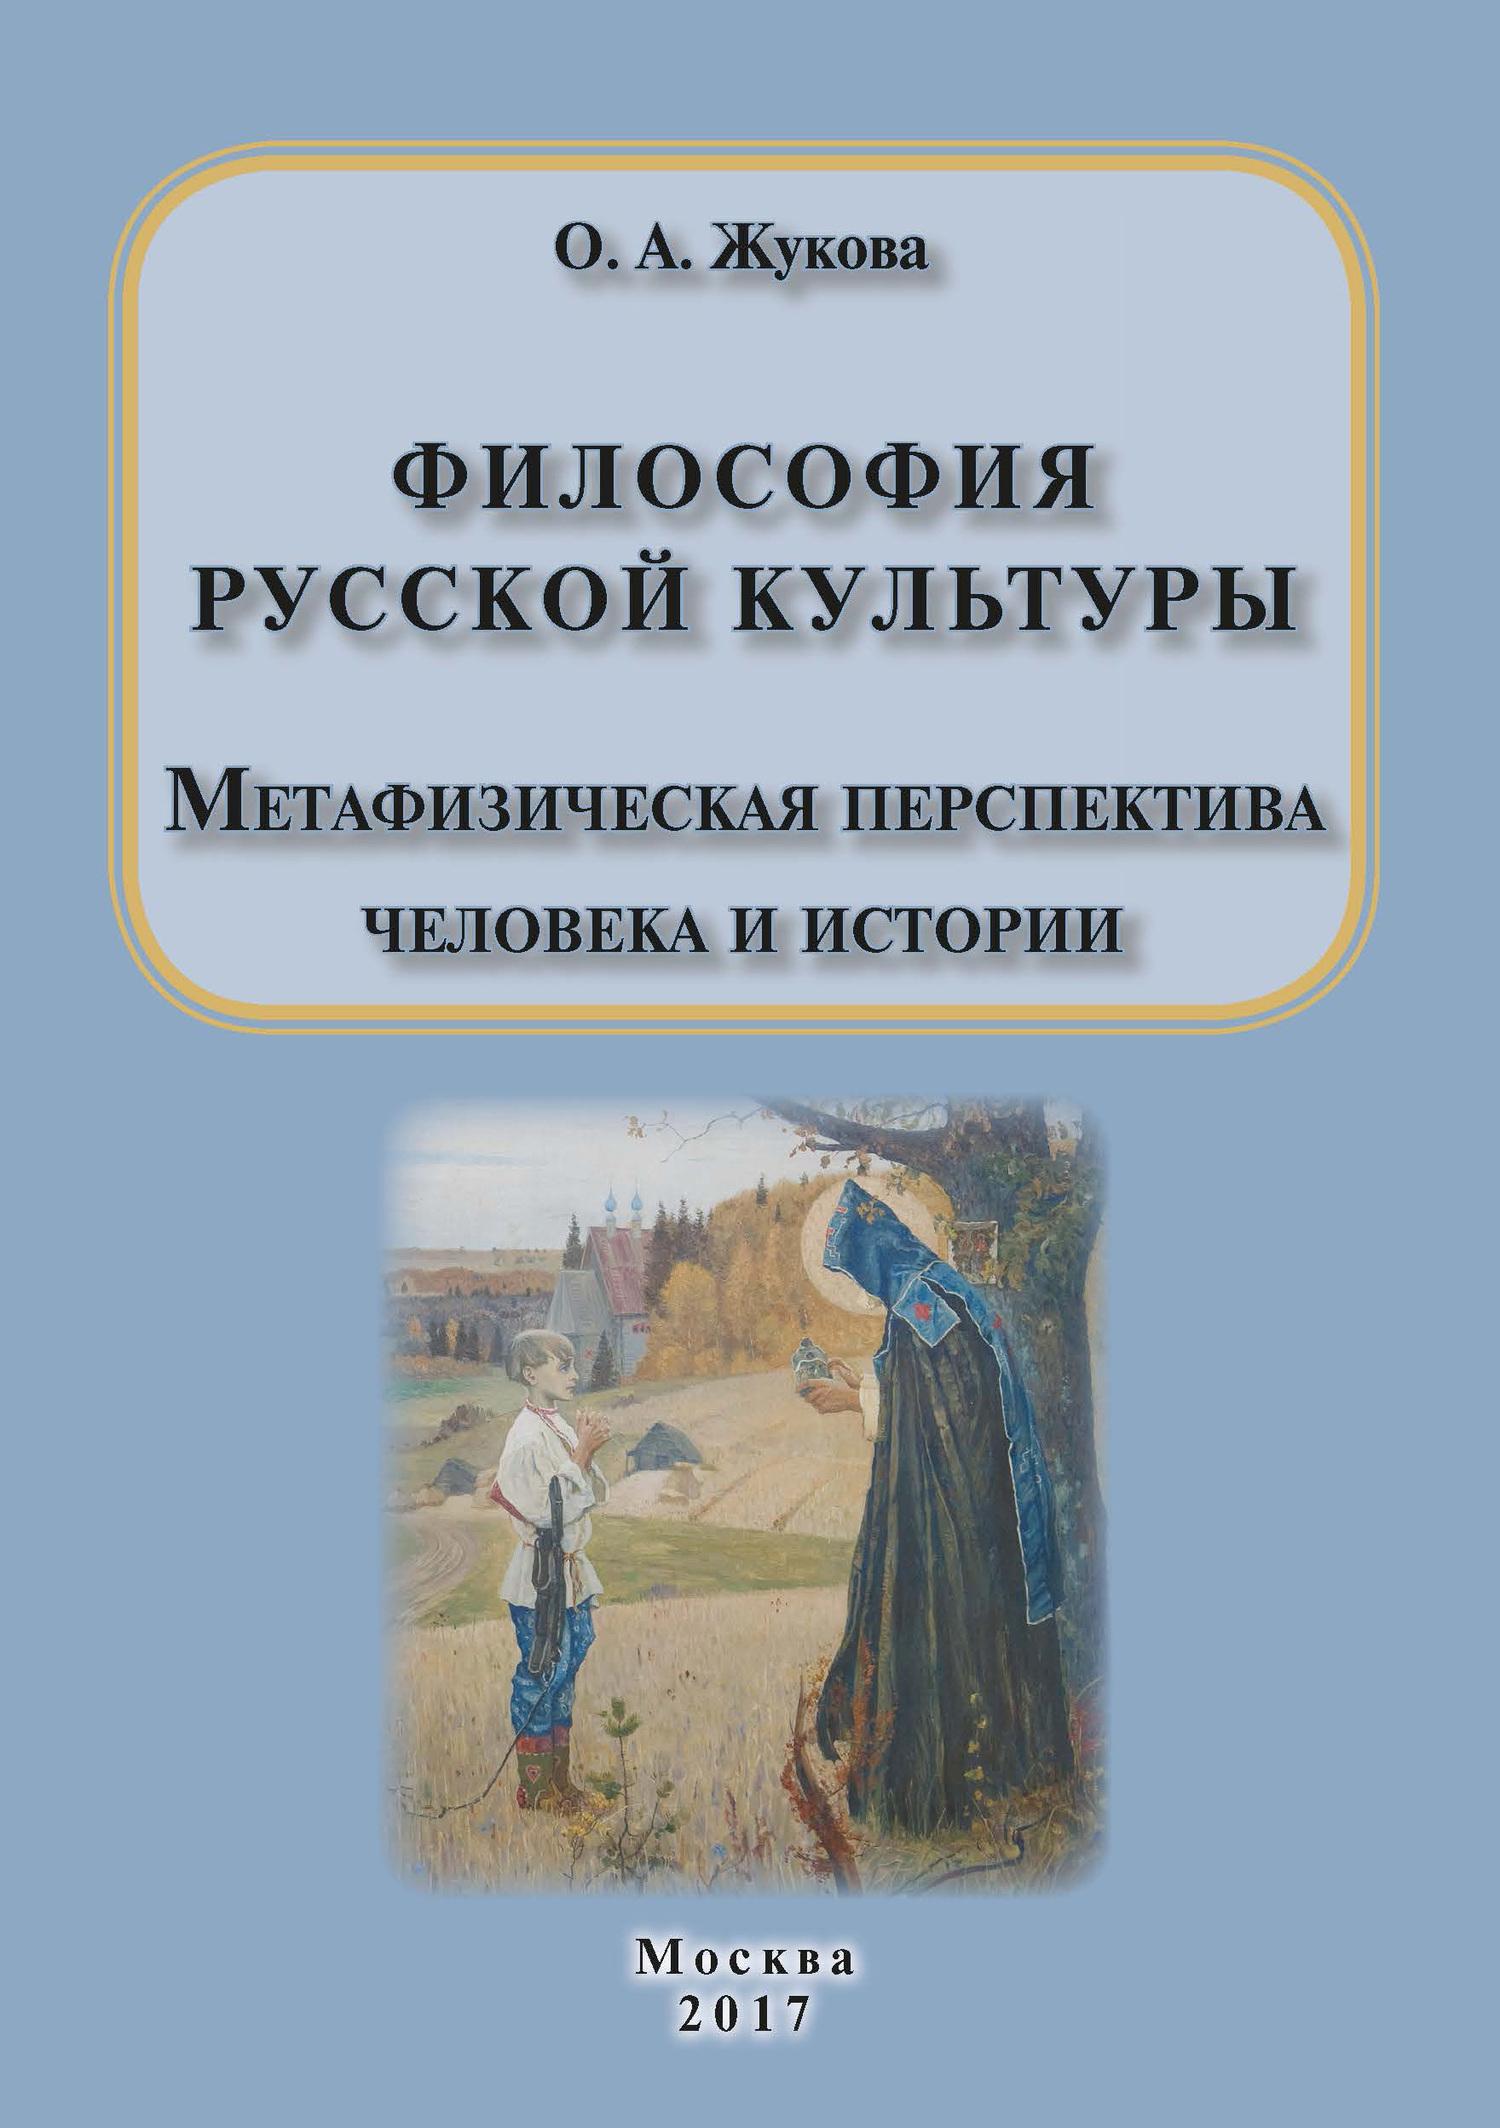 Ольга Жукова - Философия русской культуры. Метафизическая перспектива человека и истории